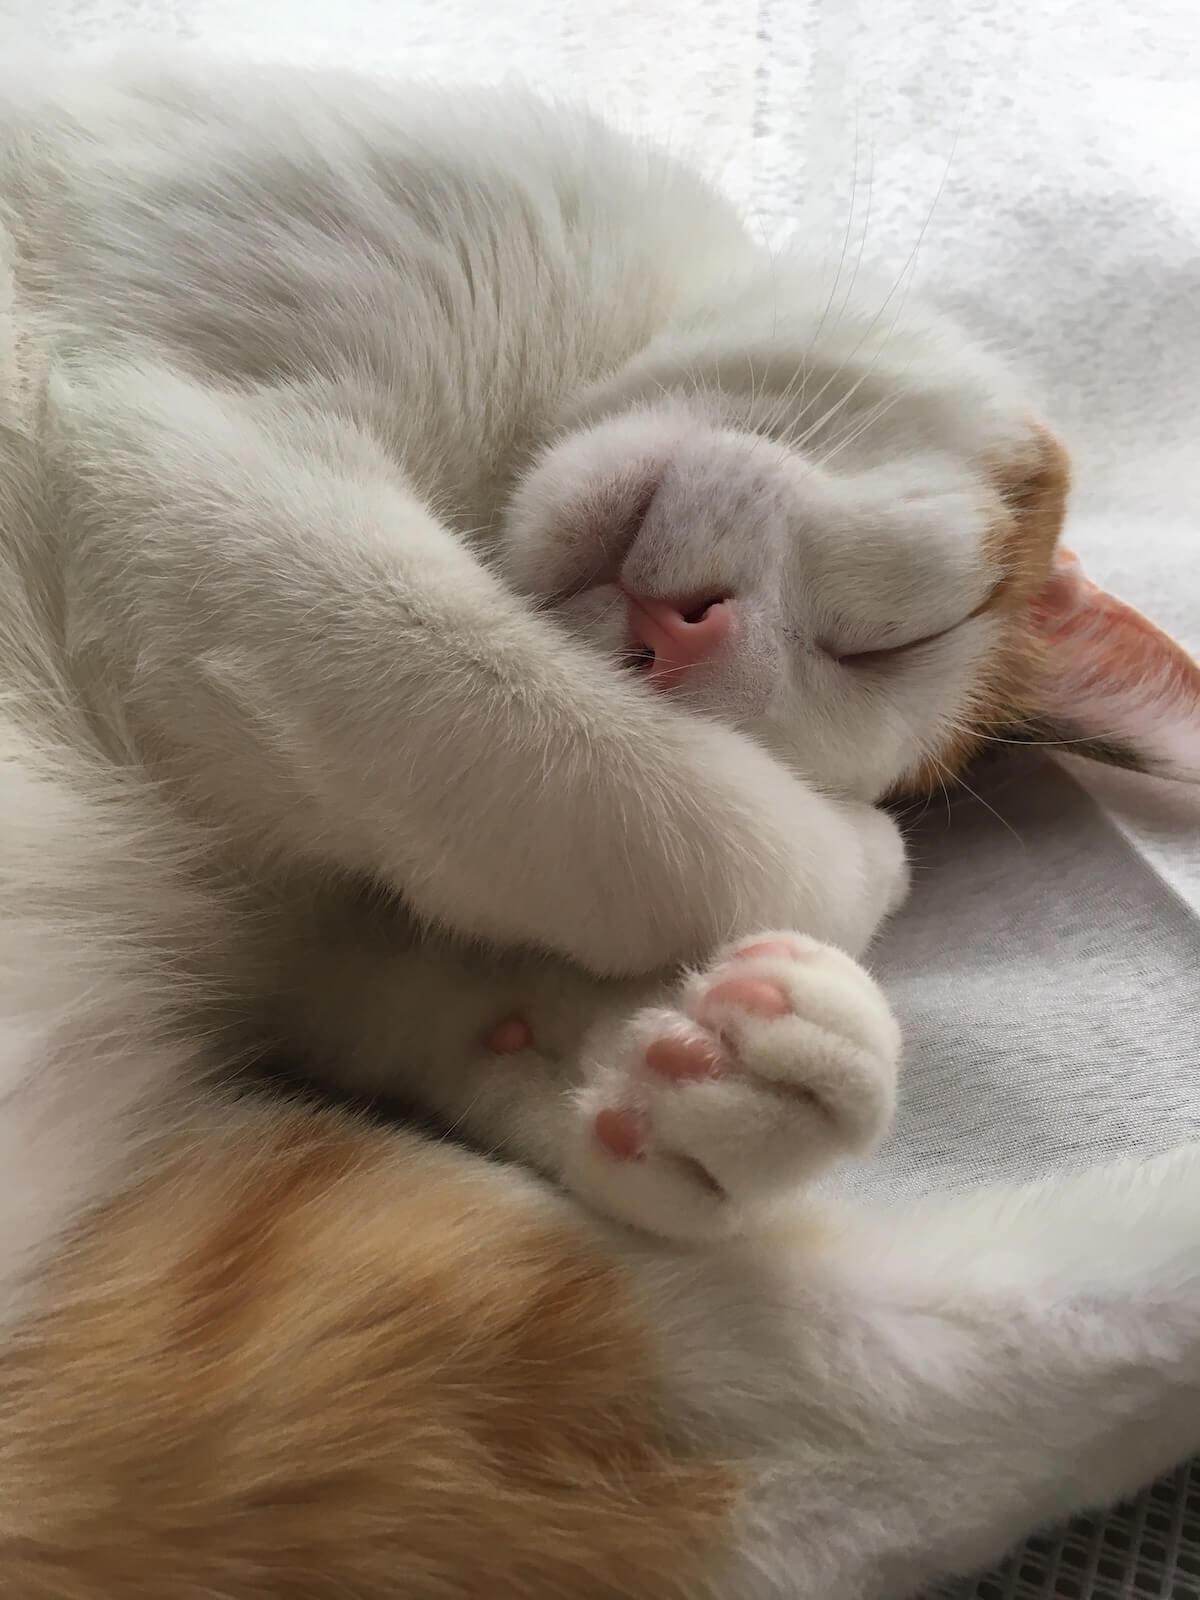 素晴らしき寝顔